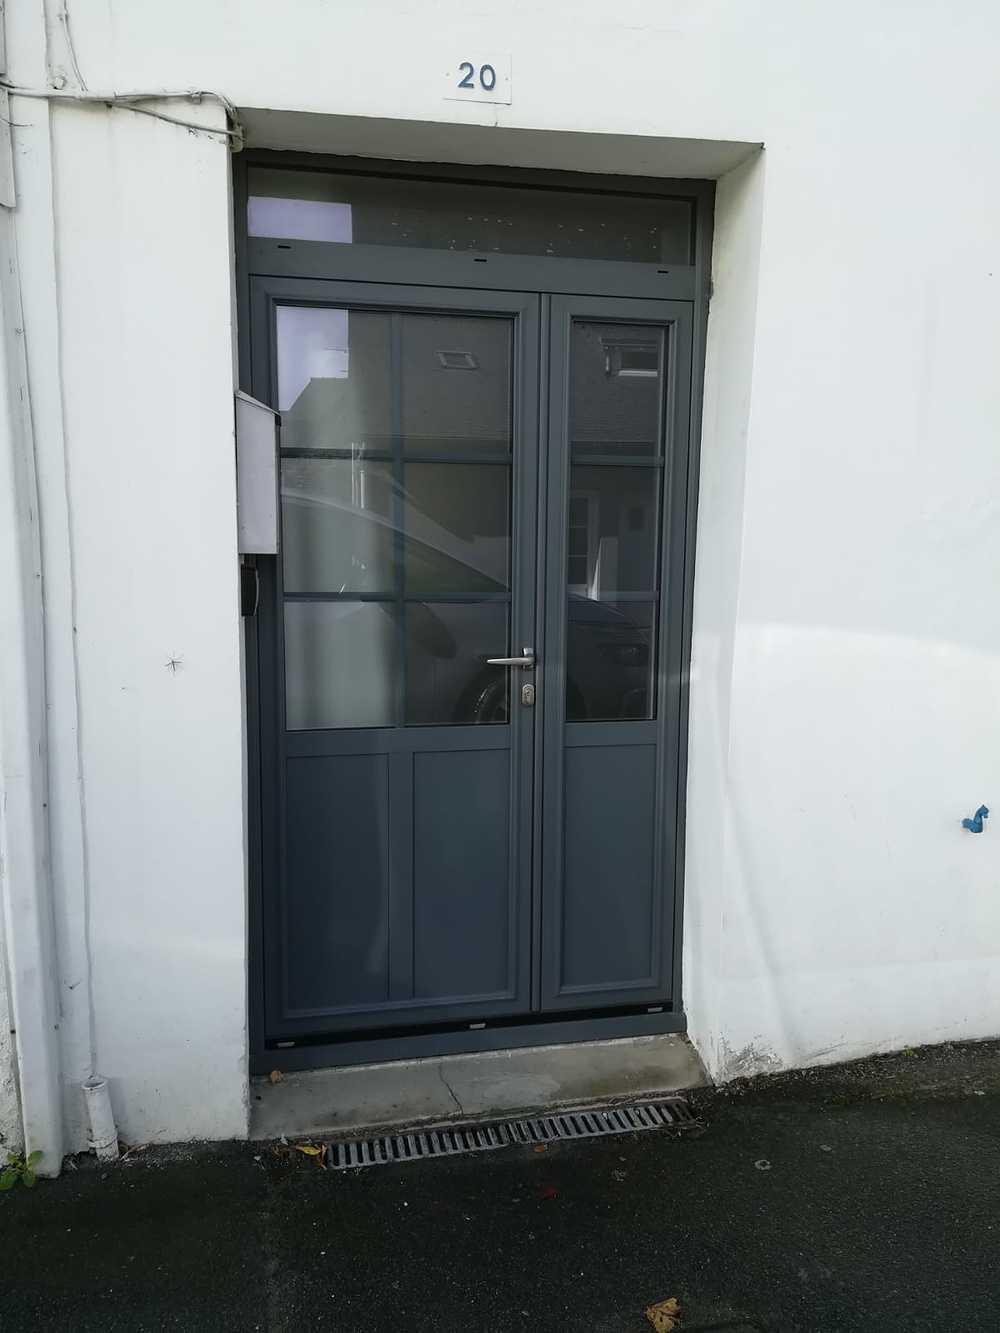 Installation porte d''entrée 6 carreaux et partie basse pleine 0